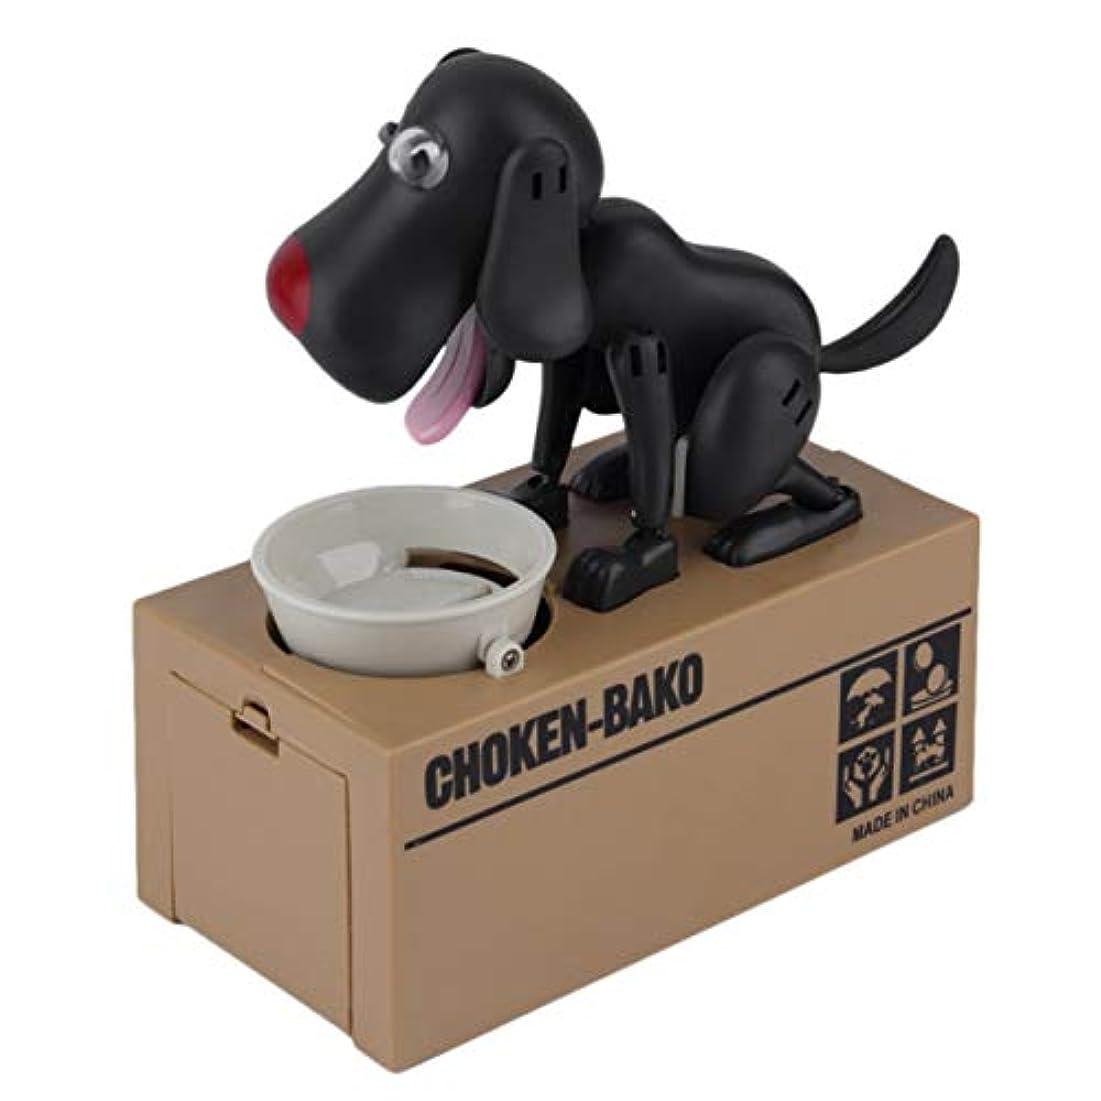 創始者マニアック再びSaikogoods 耐久性に優れたロボット犬貯金箱自動コインマネーバンクかわいい犬モデルマネーバンクマネーセービングボックスコインボックスを盗みました ブラック